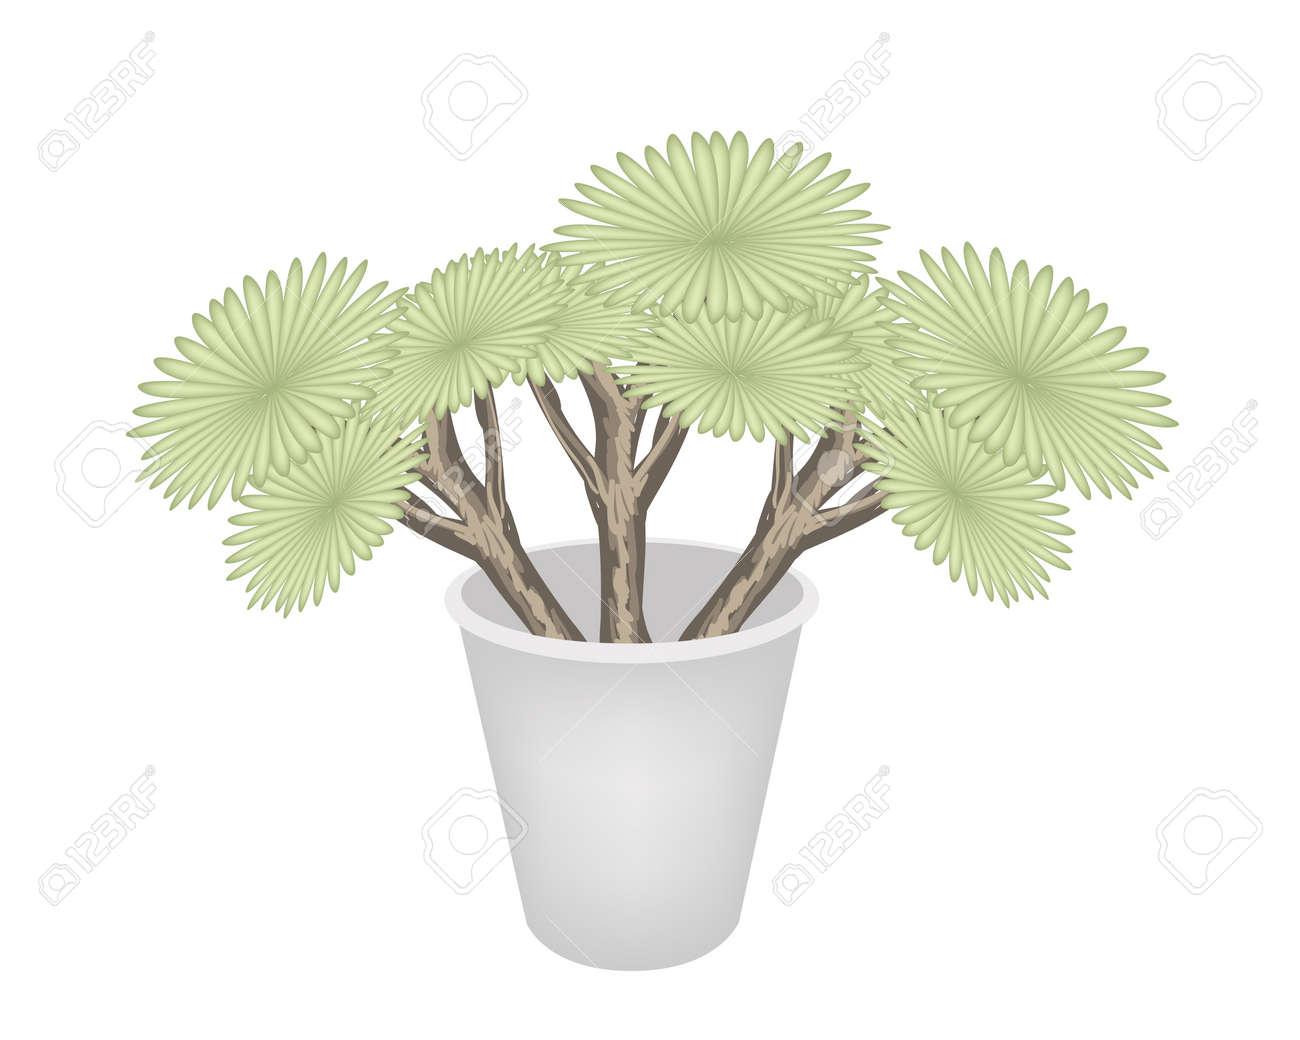 Concepto Ecolgico Una Ilustracin Verdes rboles Y Plantas De